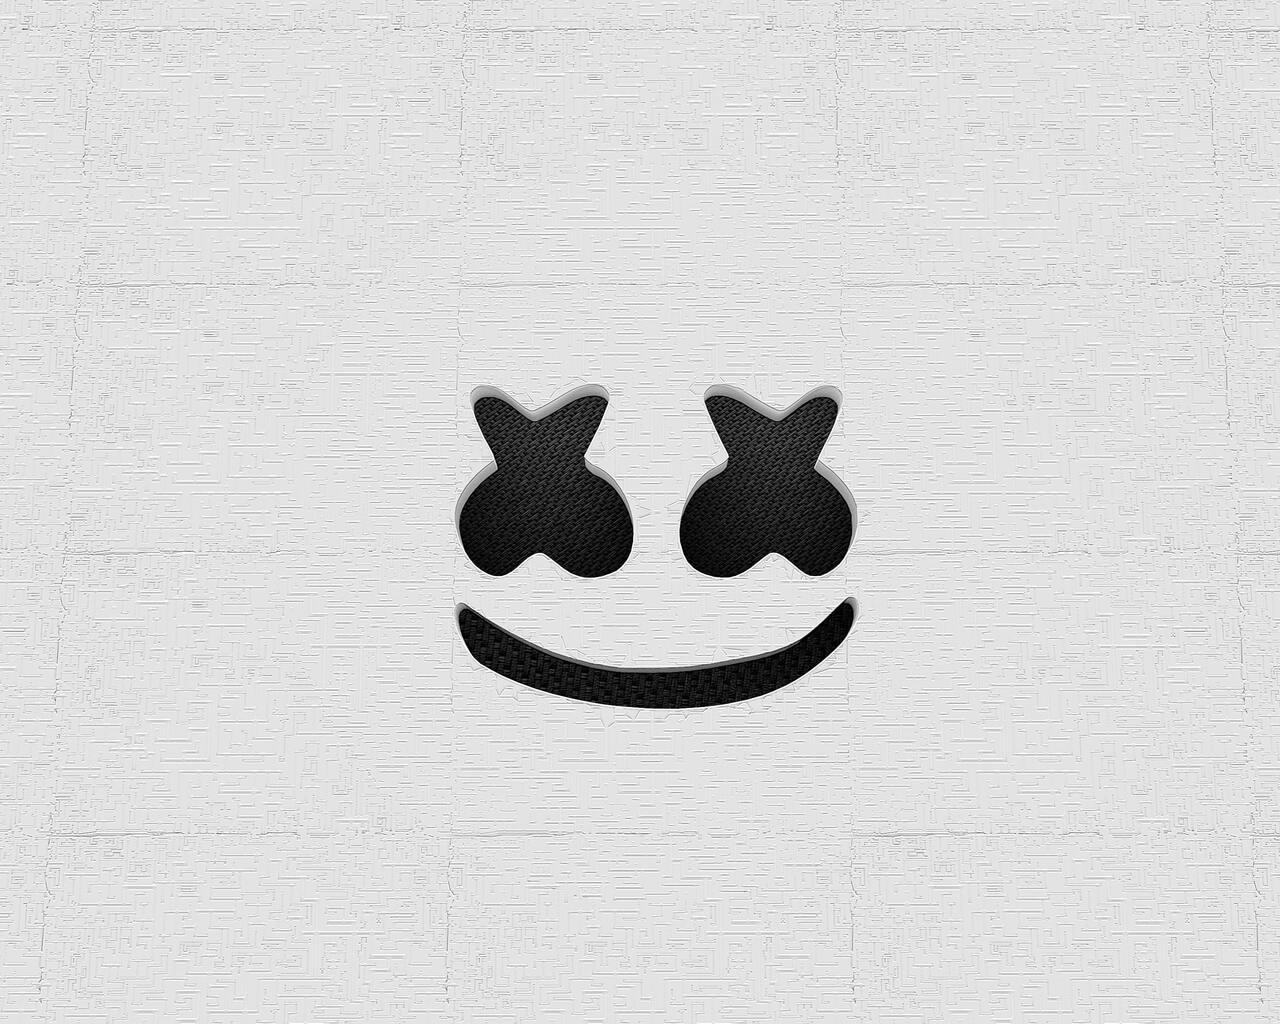 marshmello-logo-2020-4k-2o.jpg